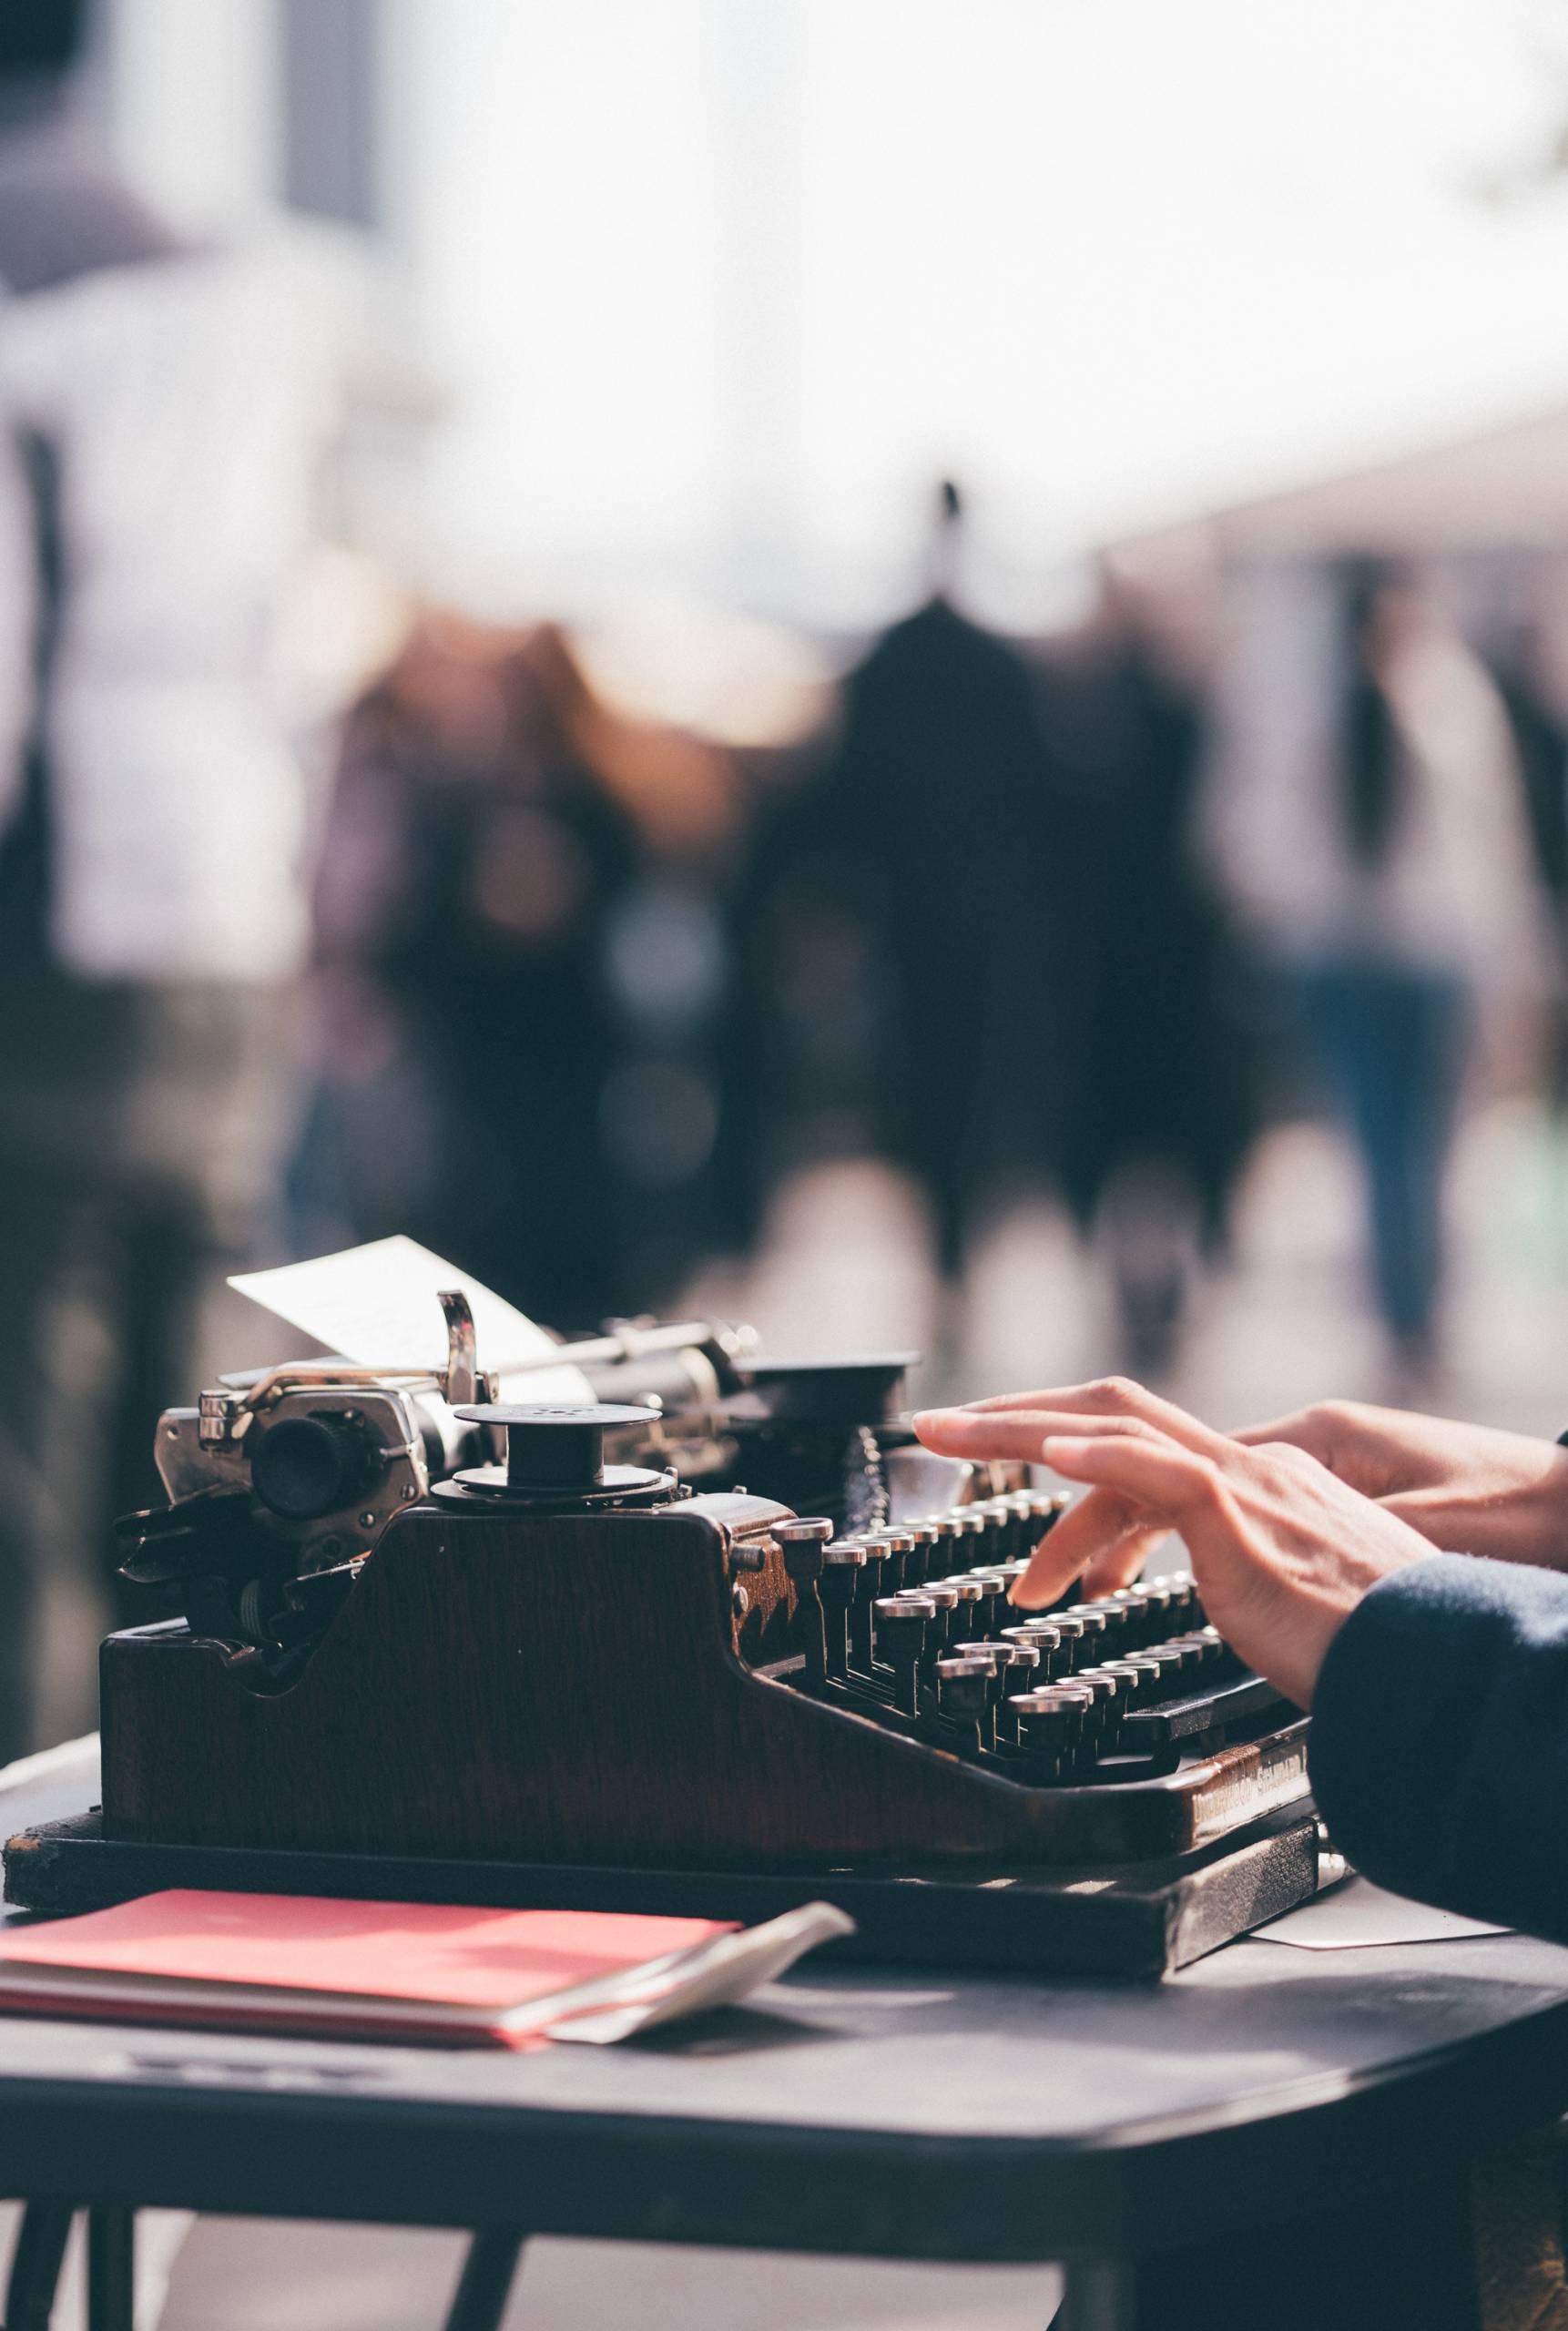 CONSEILS n°4 pour réussir à écrire son 1er livre